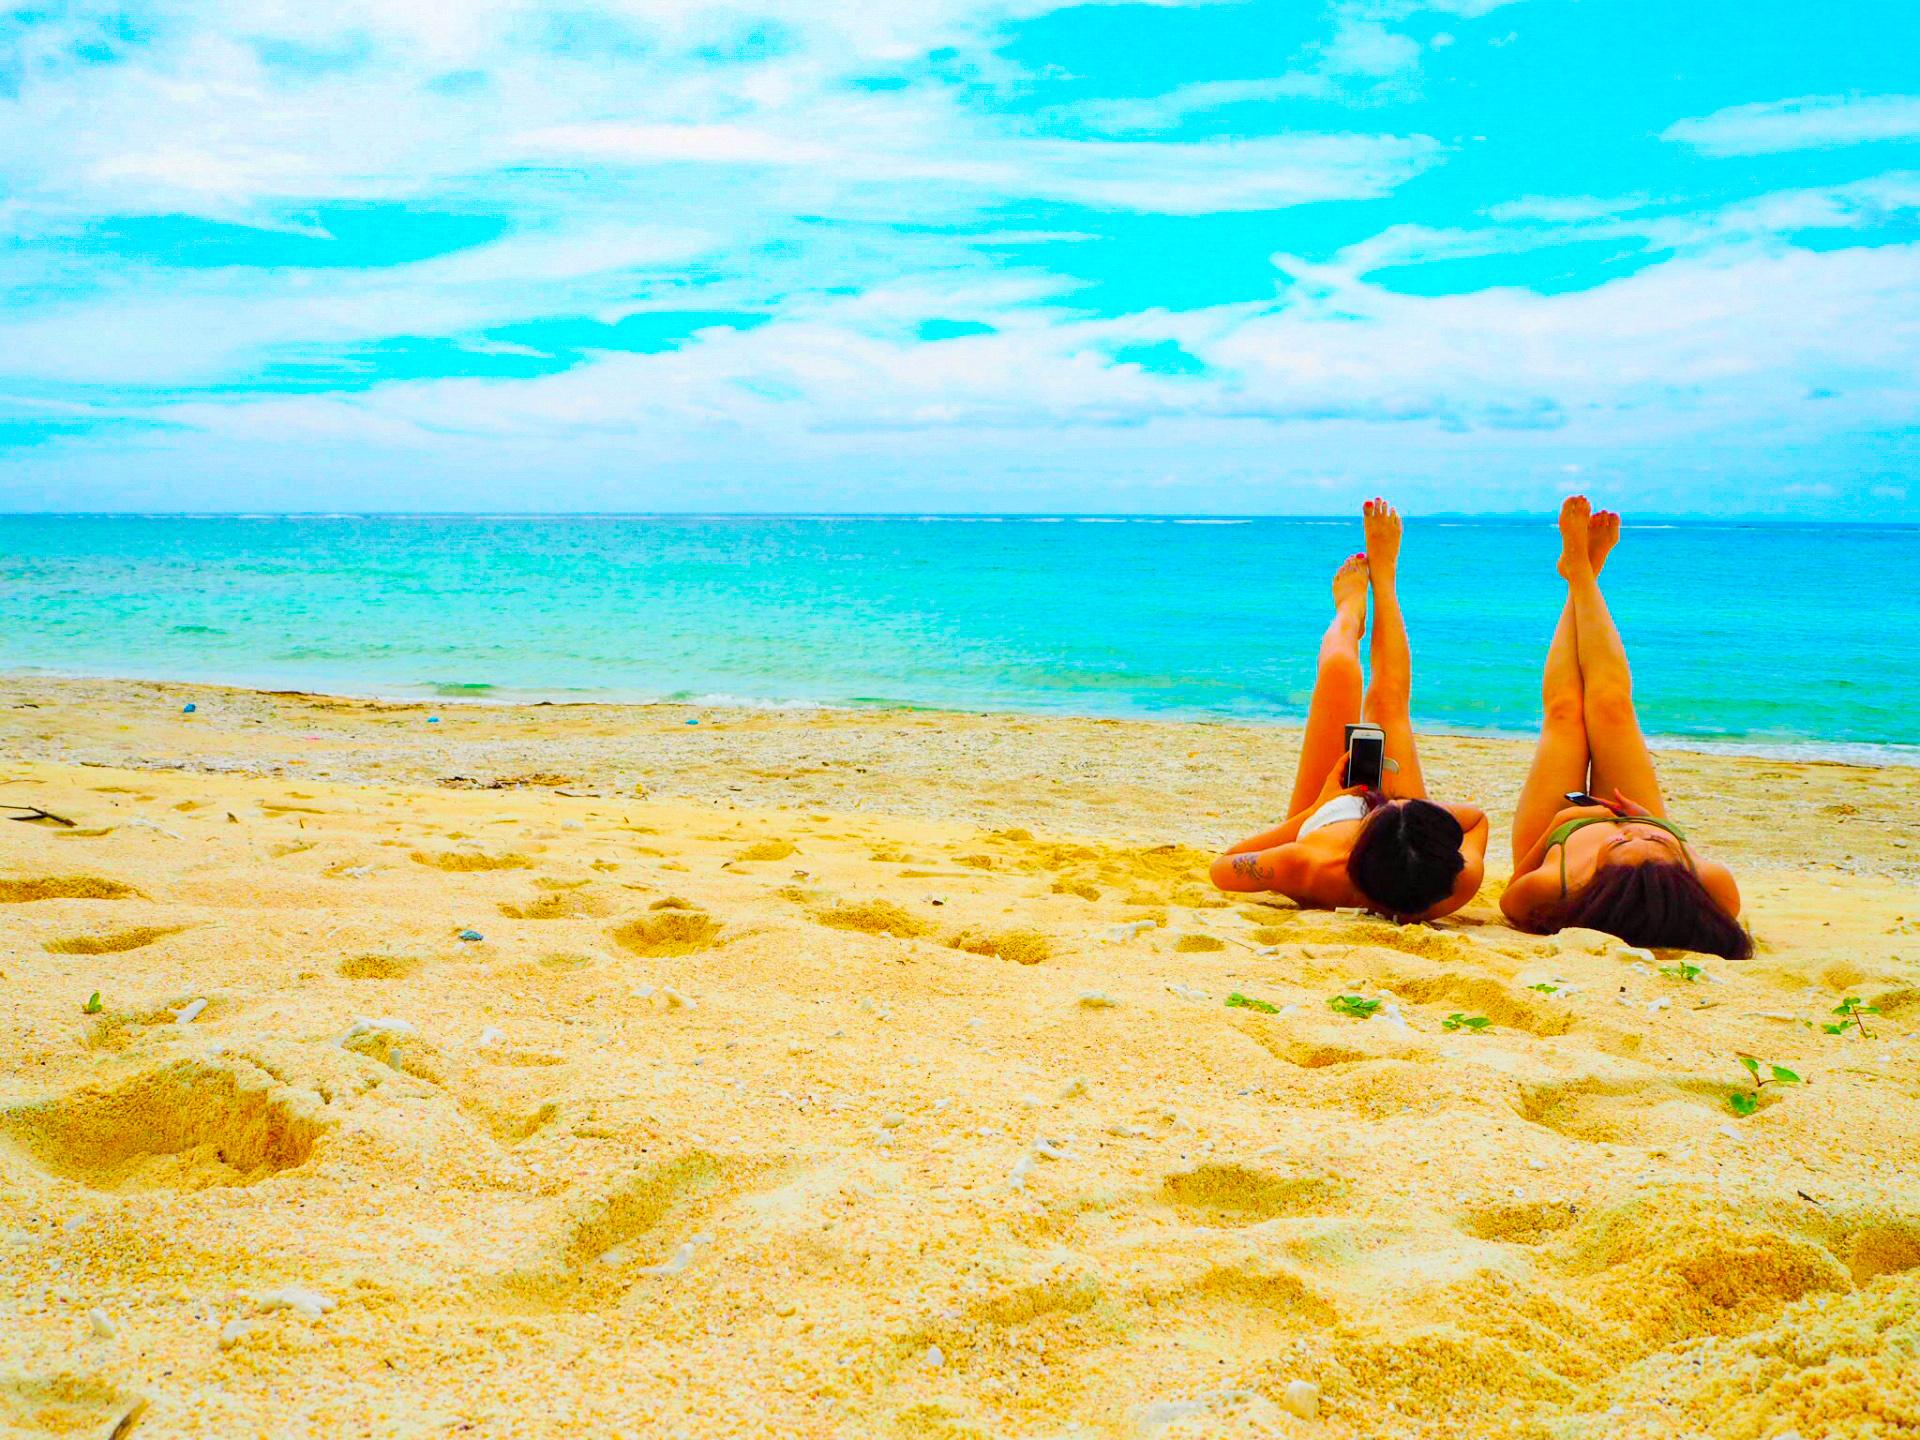 砂浜に寝そべってポーズをとる女性2人